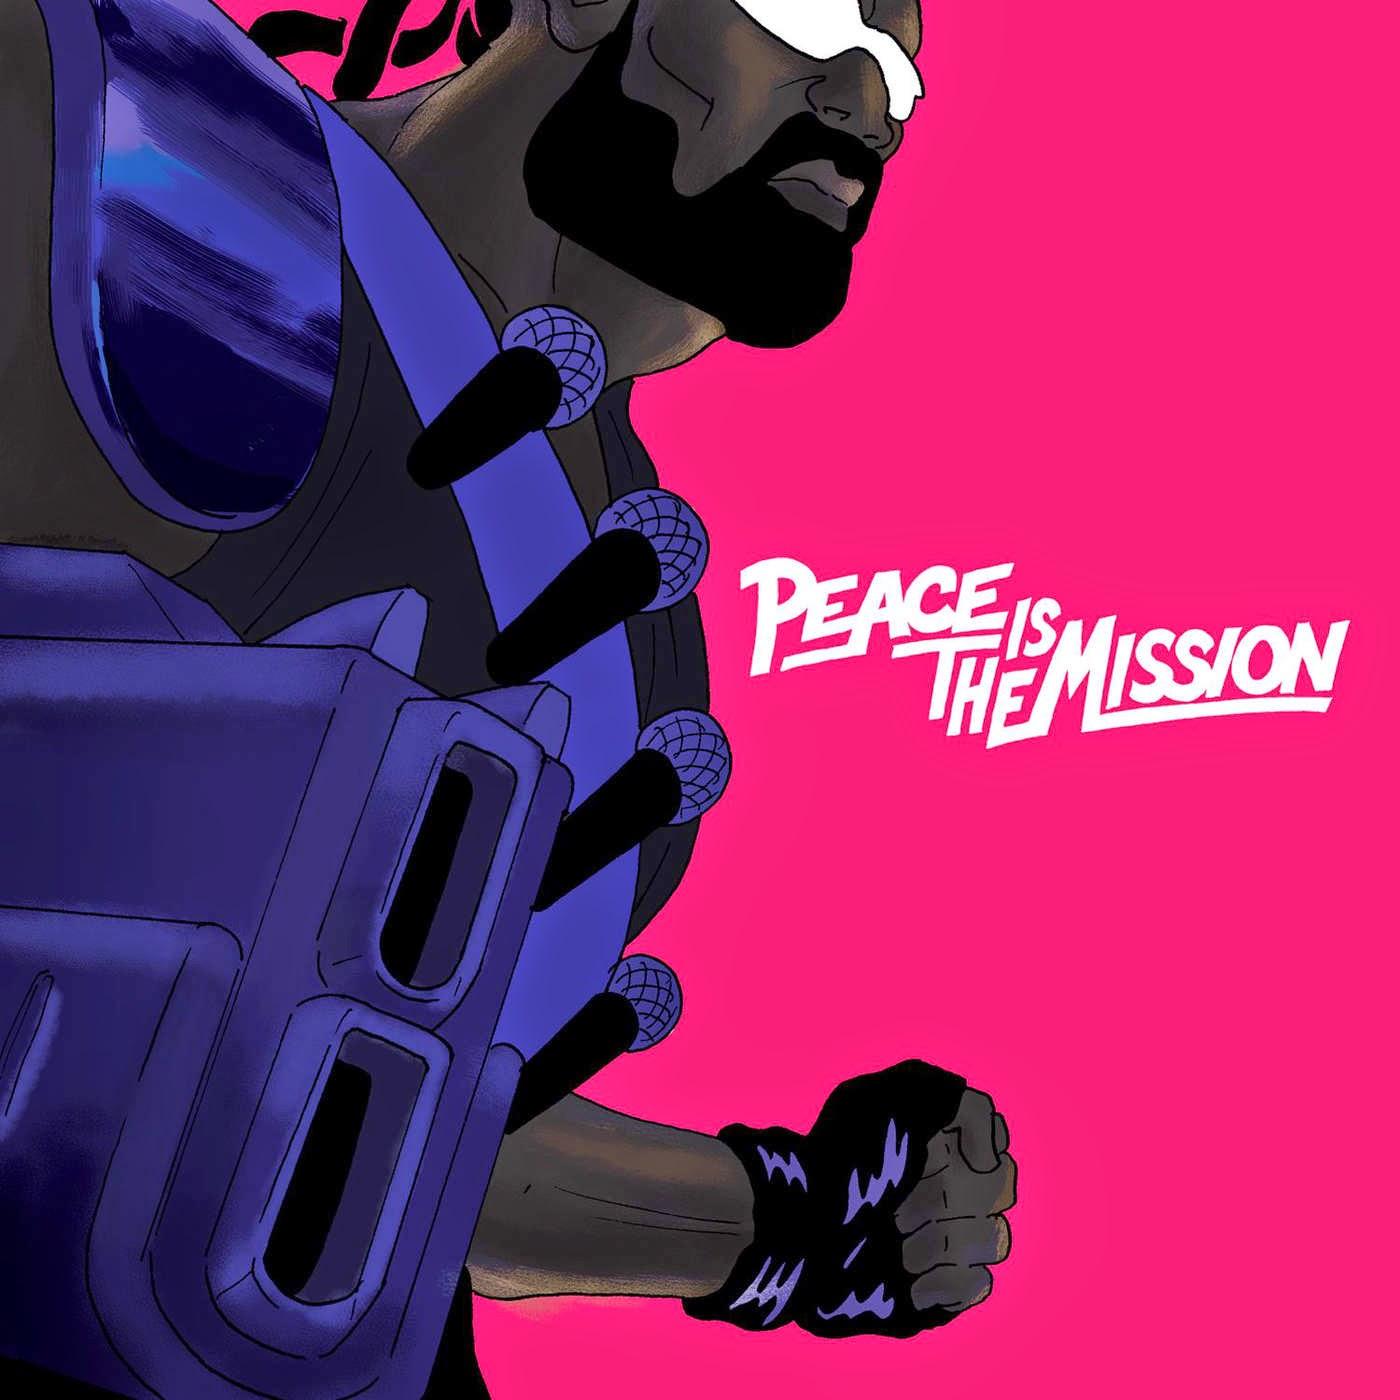 peace-is-the-mission-nouvel-album-major-lazer-folkr